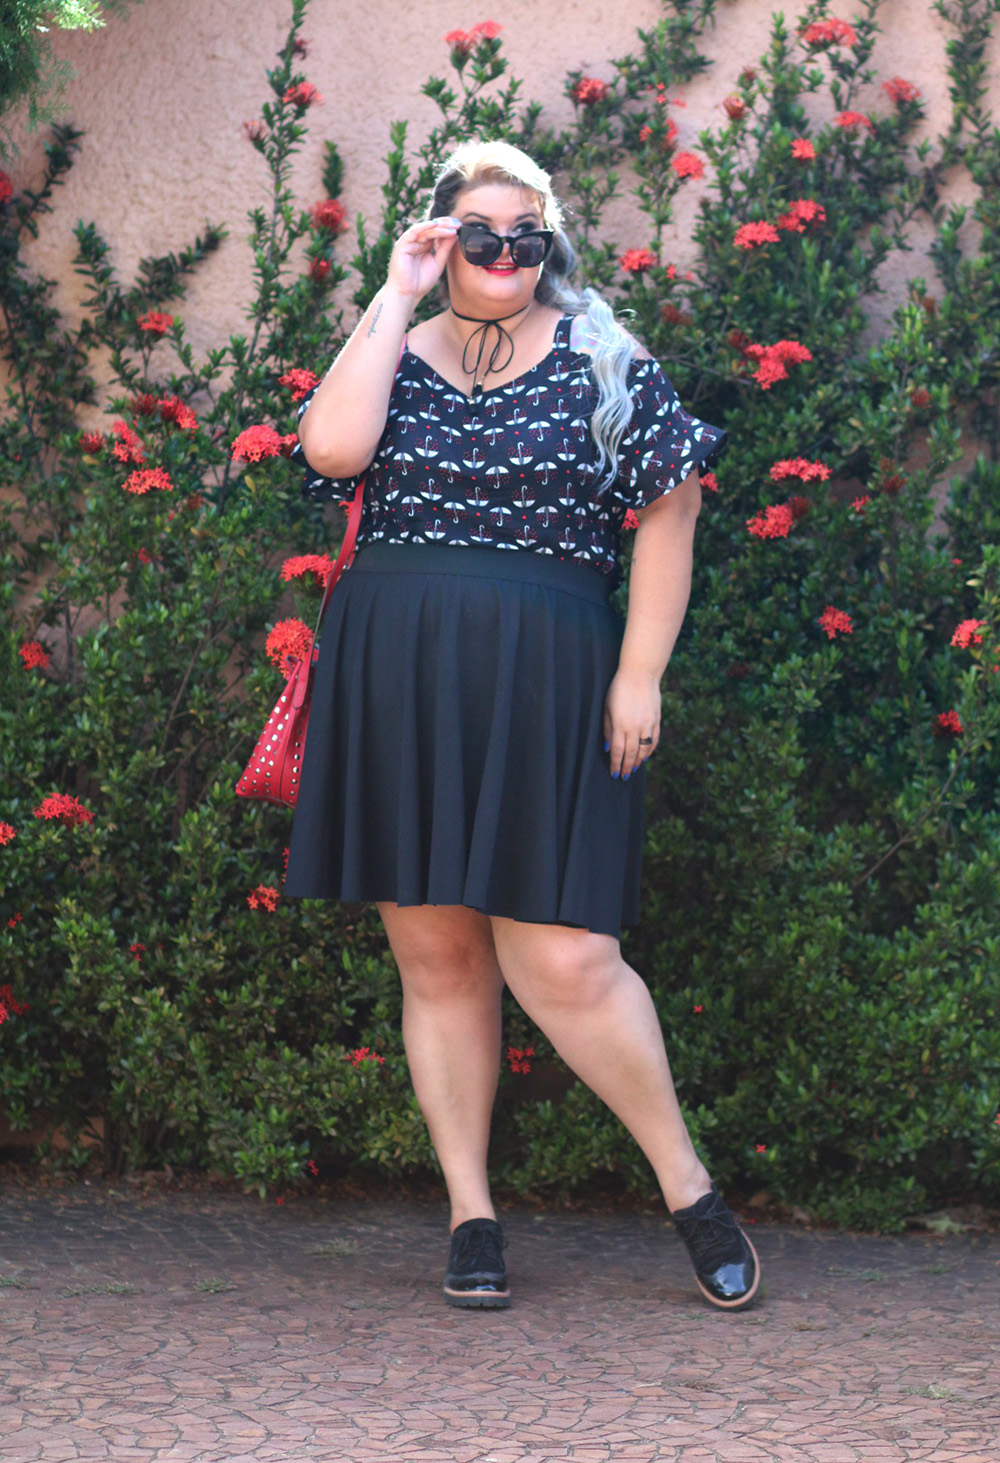 blusa-ombro-a-ombro-romantica-moda-plus-size-look-do-dia-plus-size-moda-para-gordinhas-grandes-mulheres-7